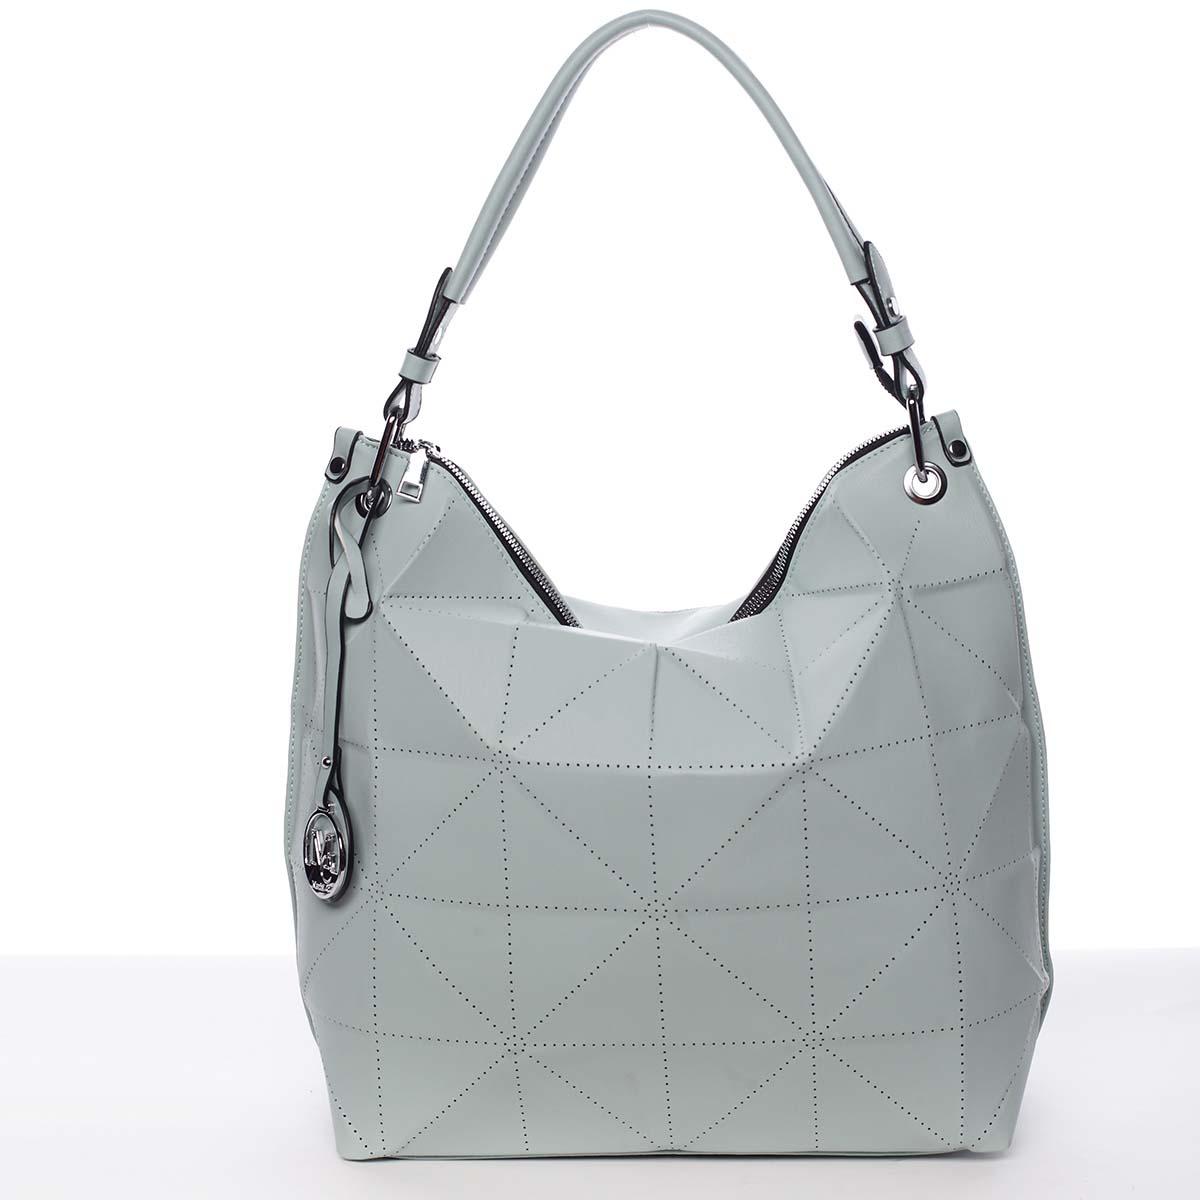 Velká mentolově zelená luxusní dámská kabelka přes rameno - MARIA C Samira